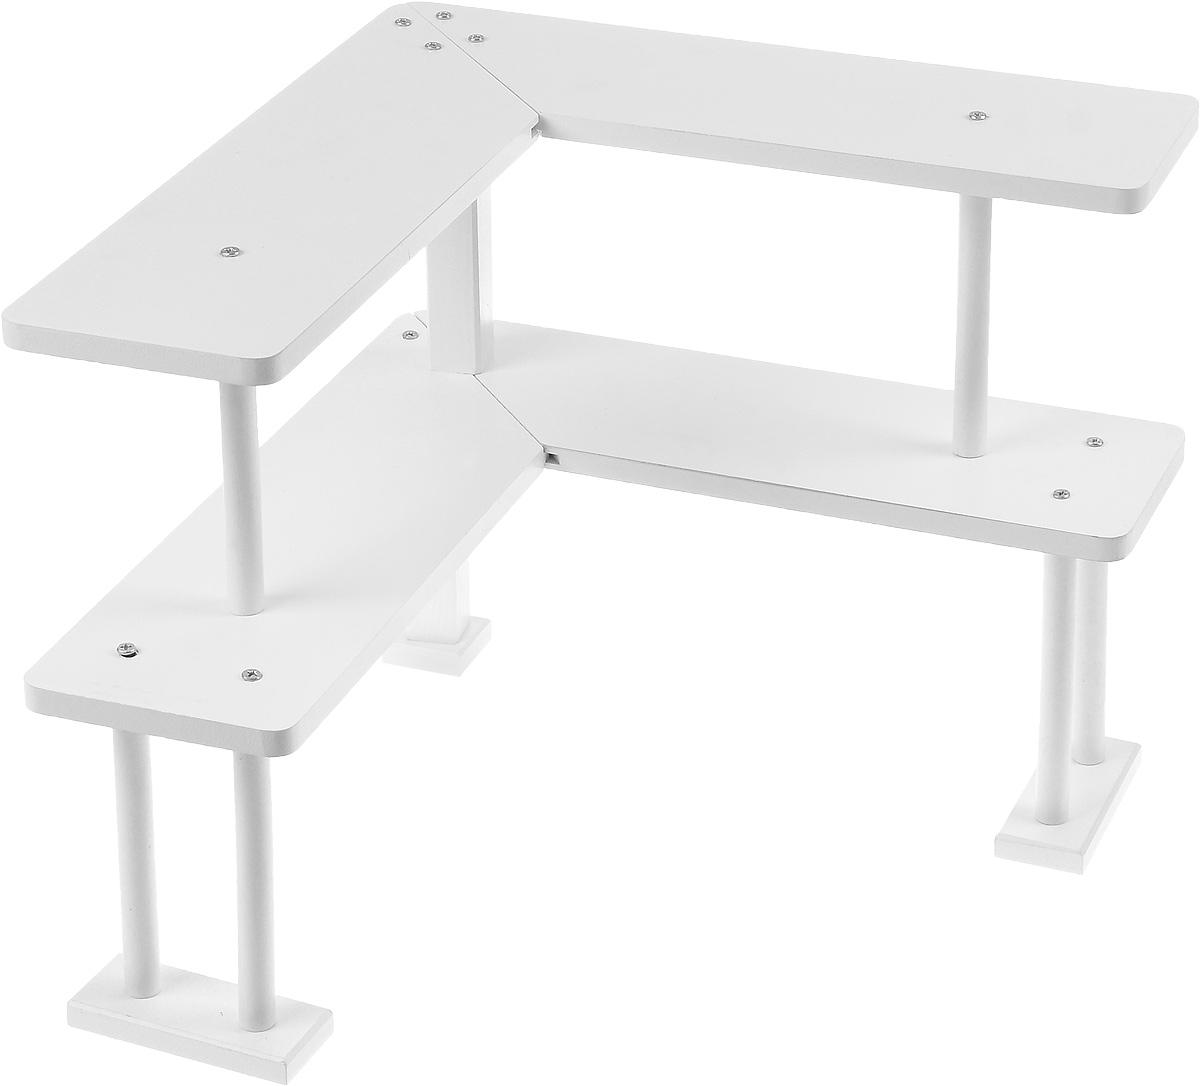 Полка угловая Mayer & Boch, 2-х ярусная. 2424924249Деревянная угловая полка Mayer Boch - удобная и практичная конструкция, которая поможет вам правильно и рационально организовать рабочее пространство на вашем письменном столе. Полка представляет собой угловую двухъярусную конструкцию на высоких ножках, что позволяет использовать каждый сантиметр вашего стола с пользой и умом. В такой полке можно расположить все необходимые письменные принадлежности, документы или книги. Стильный и современный дизайн конструкции позволит ей вписаться в любой интерьер. Полка поставляется в разобранном виде и собирается при помощи саморезов (входят в комплект). Размер полки в собранном виде: 37 х 37 х 34 см. Высота нижнего яруса: 17,5 см. Высота верхнего яруса: 16,5 см. Глубина полки: 11,5 см.